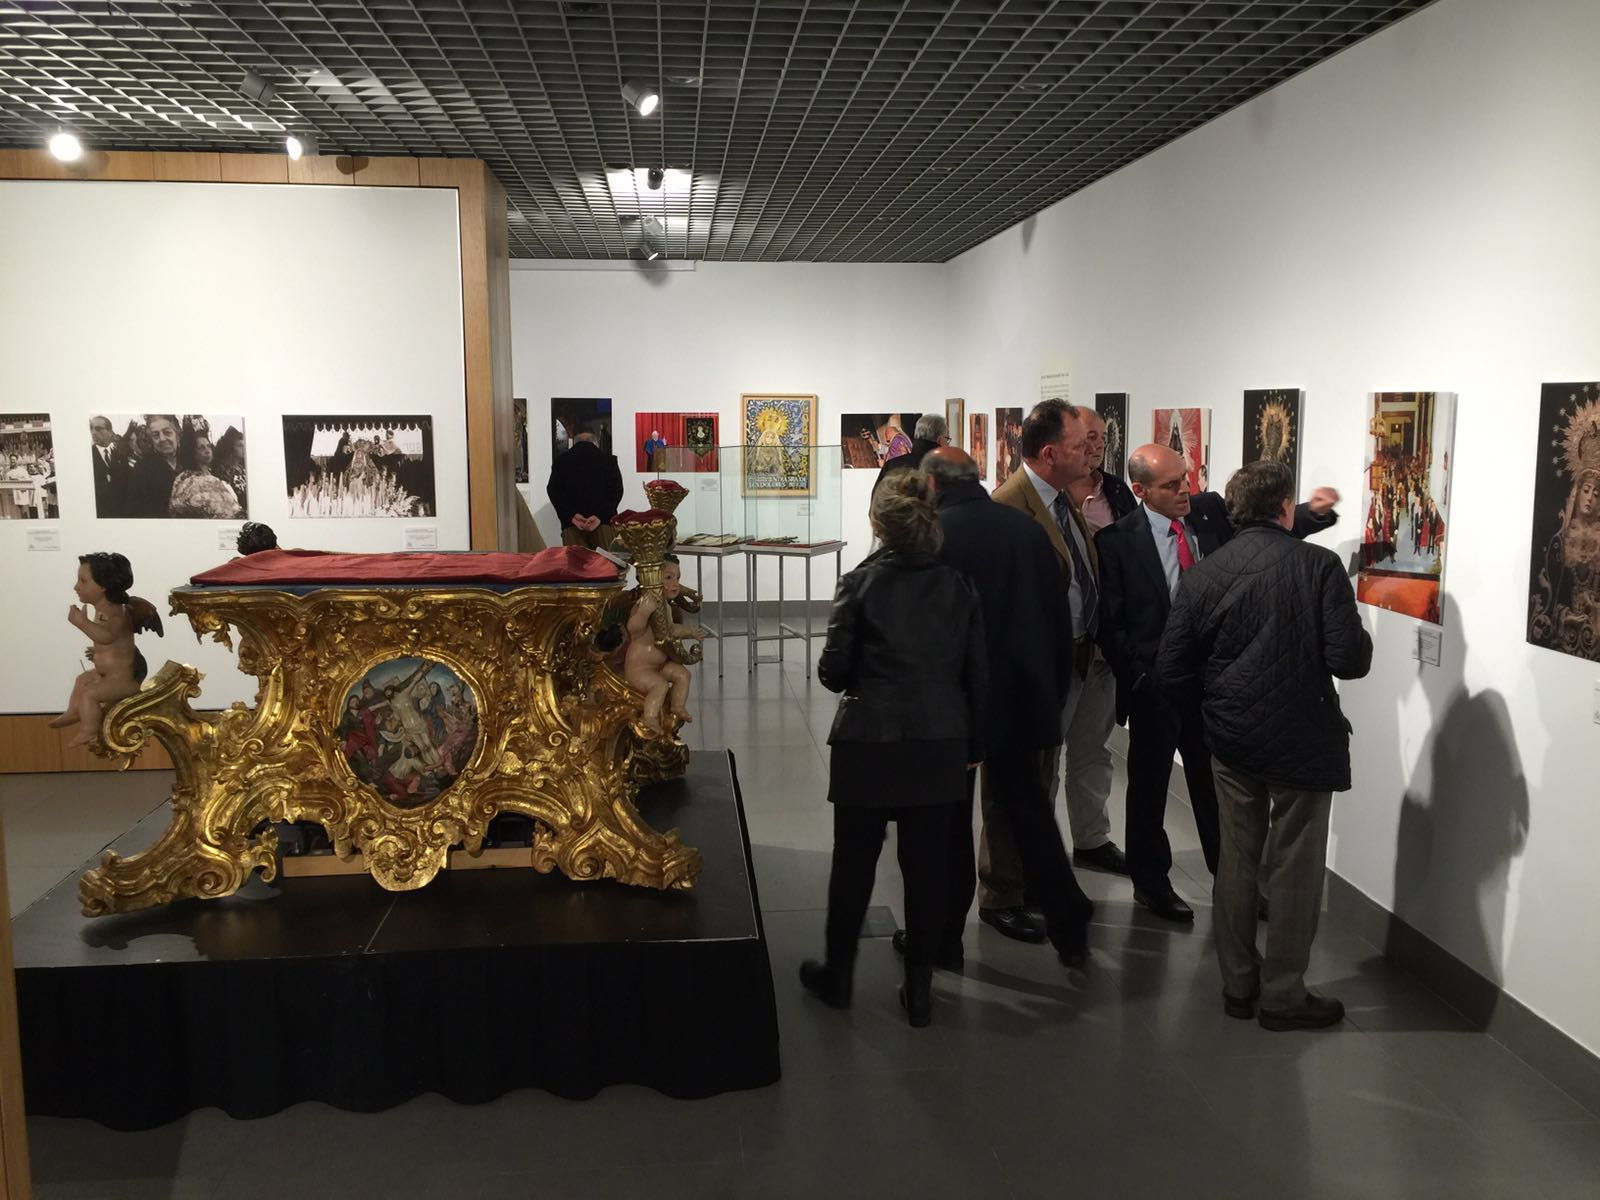 La Fundación Cajasol, con los enseres especiales de la Virgen de los Dolores